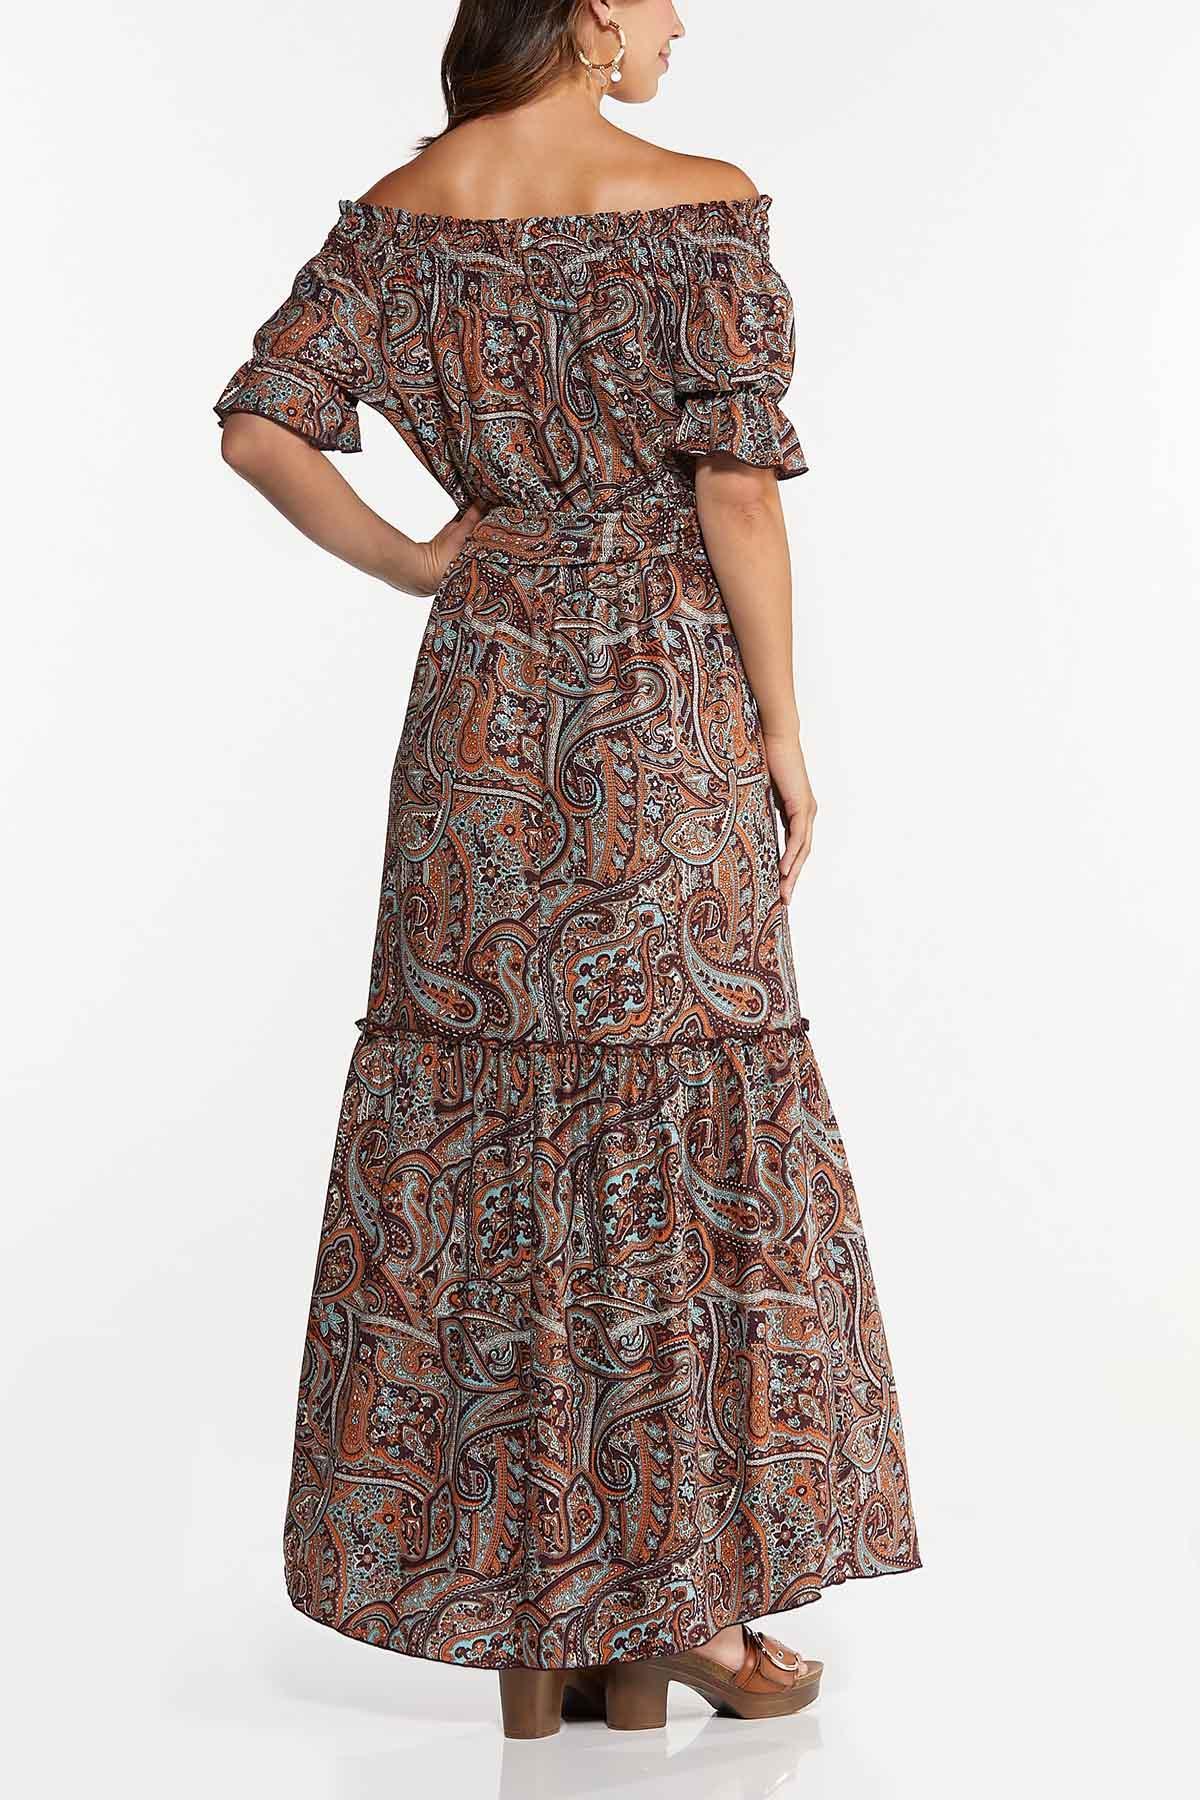 Smocked Off Shoulder Maxi Dress (Item #44658364)